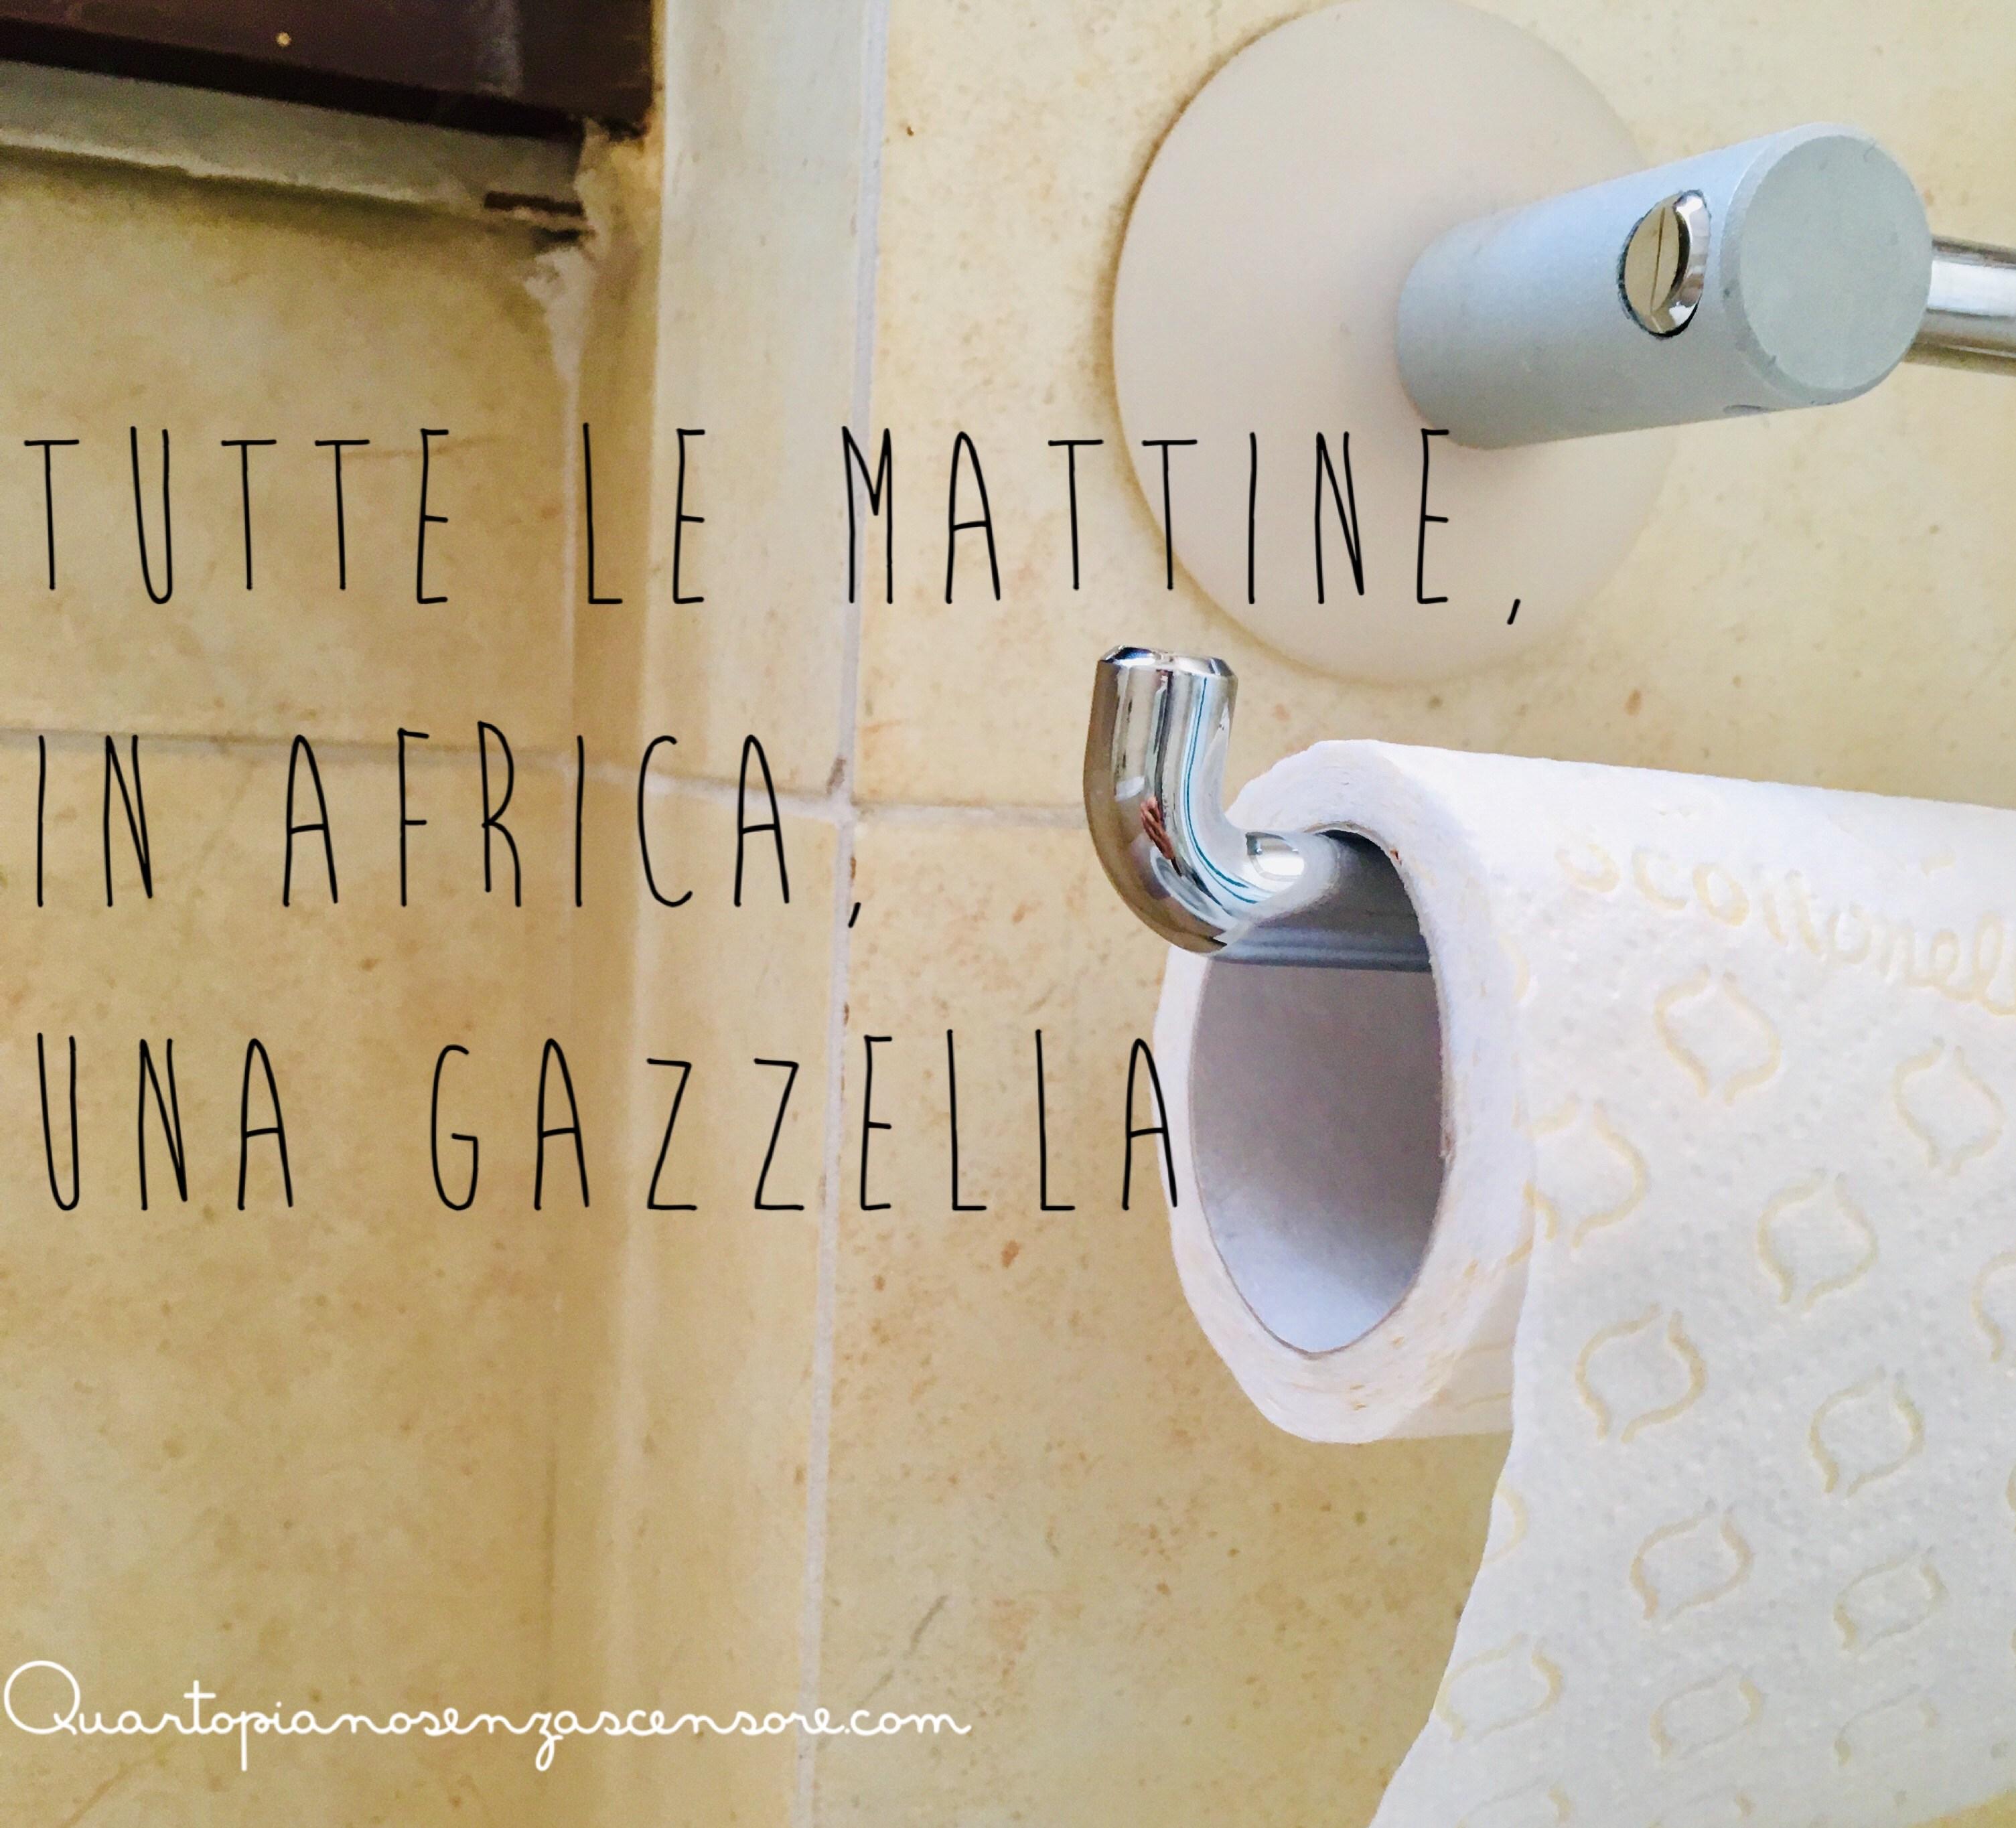 Verso Giusto Carta Igienica tutte le mattine, in africa, una gazzella